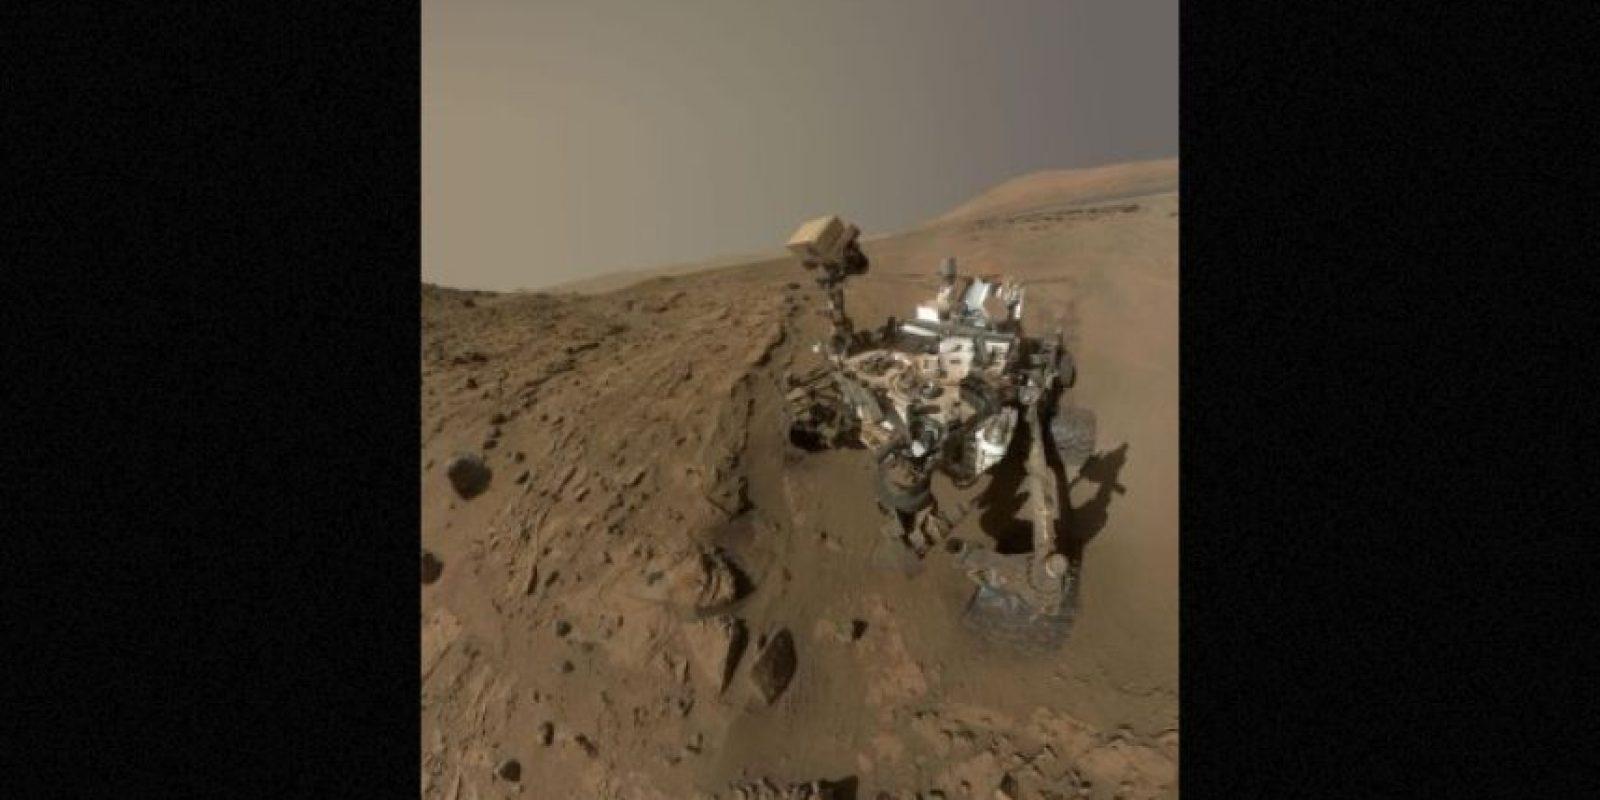 """Ya que el envío más """"exprés"""" de la Tierra a Marte tarda nueve meses, los astronautas deberán de cultivas sus alimentos en el árido suelo marciano Foto:Getty Images"""